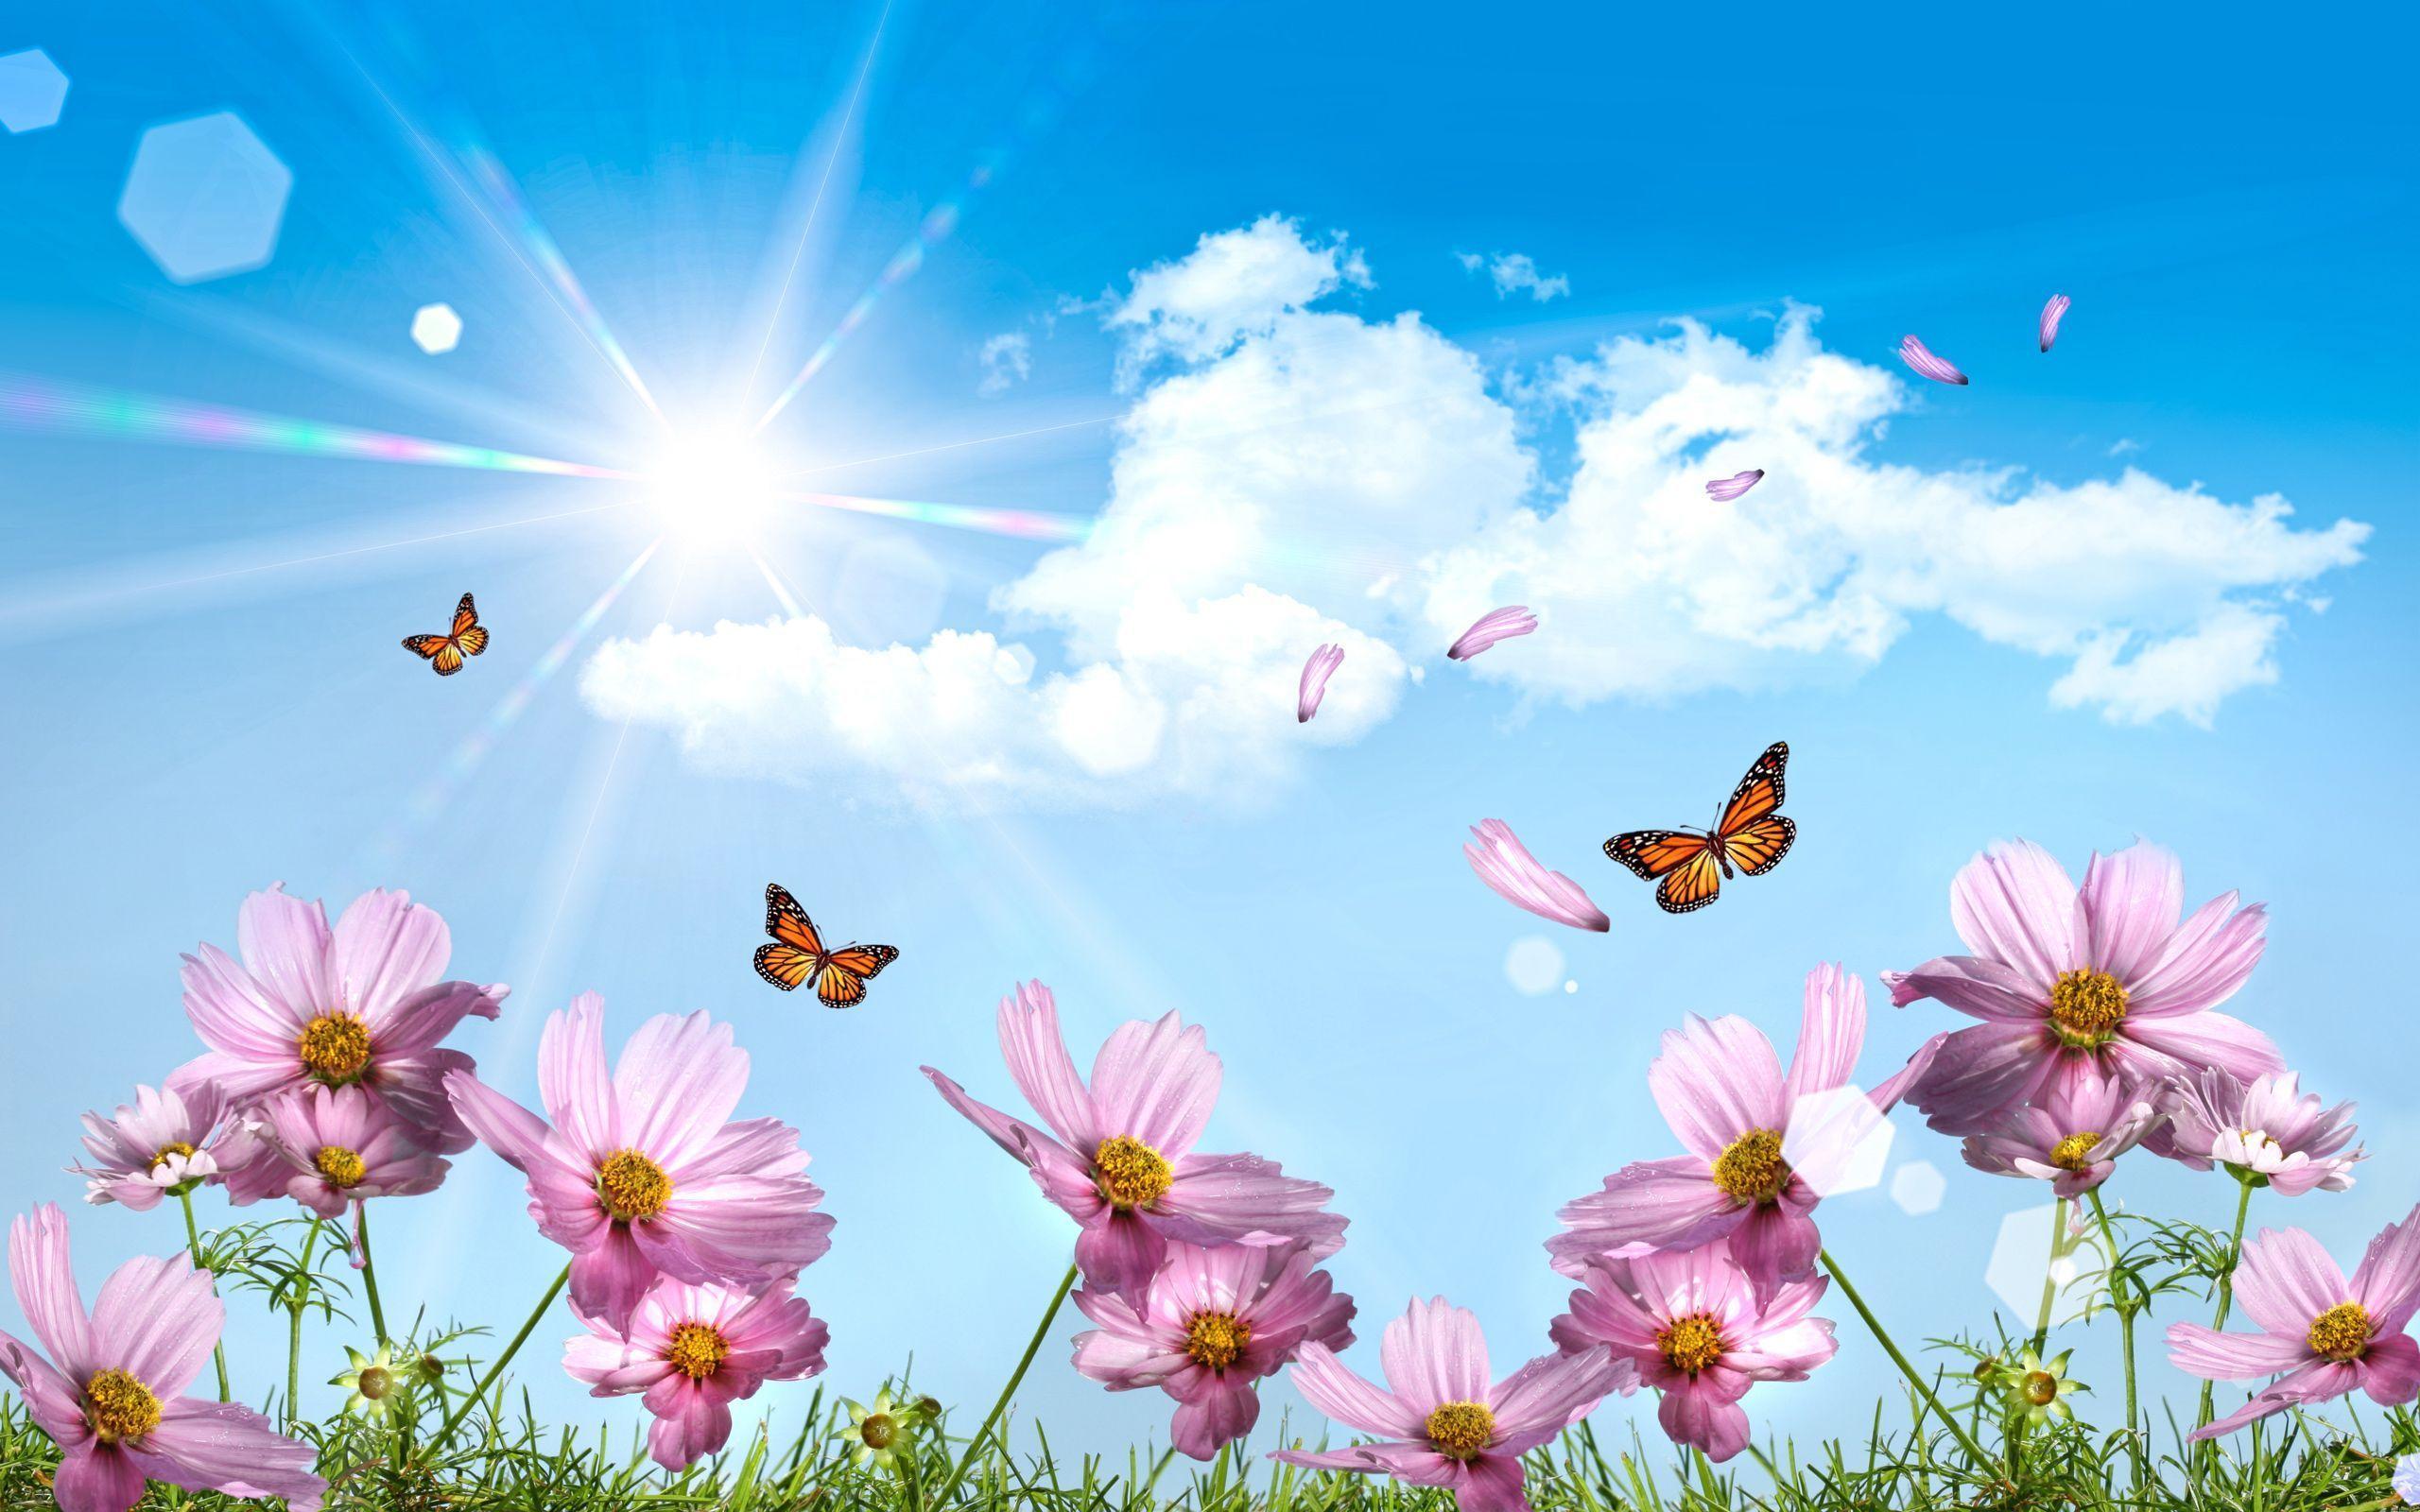 2560x1600 Garrett Wang trong tình yêu của tôi dành cho Bướm.  Hình nền mùa xuân, Hình nền mùa hè, Hình nền bướm